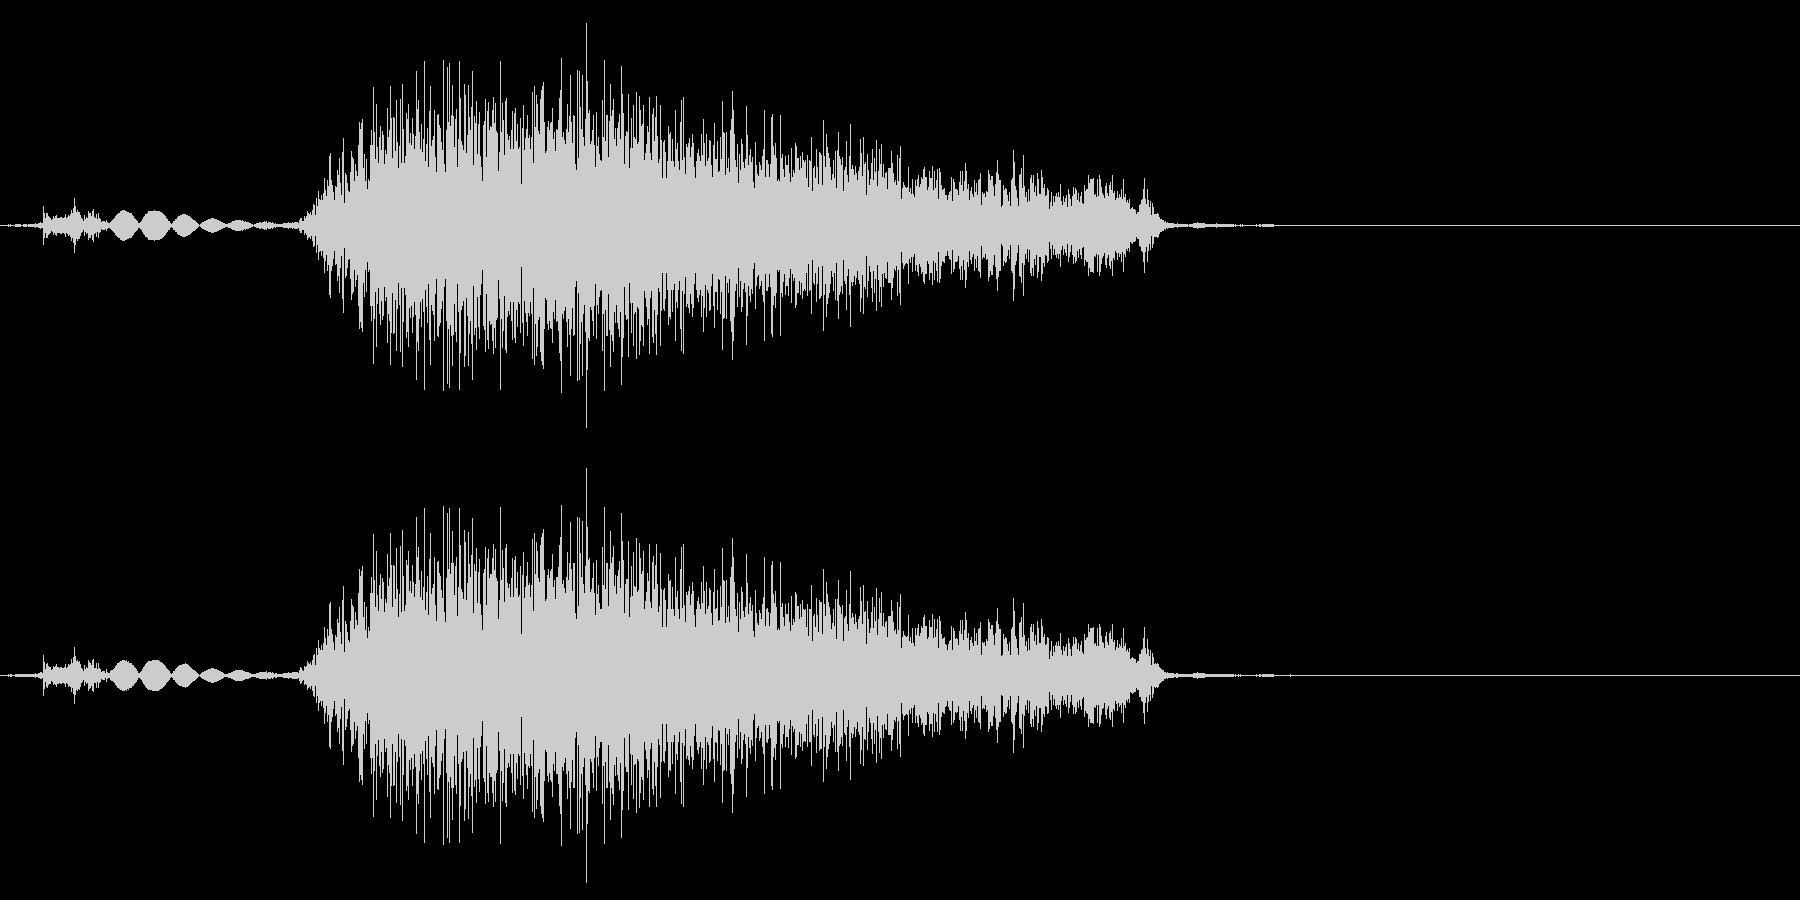 タブ切り替え時の音(紙を擦る音)_01の未再生の波形